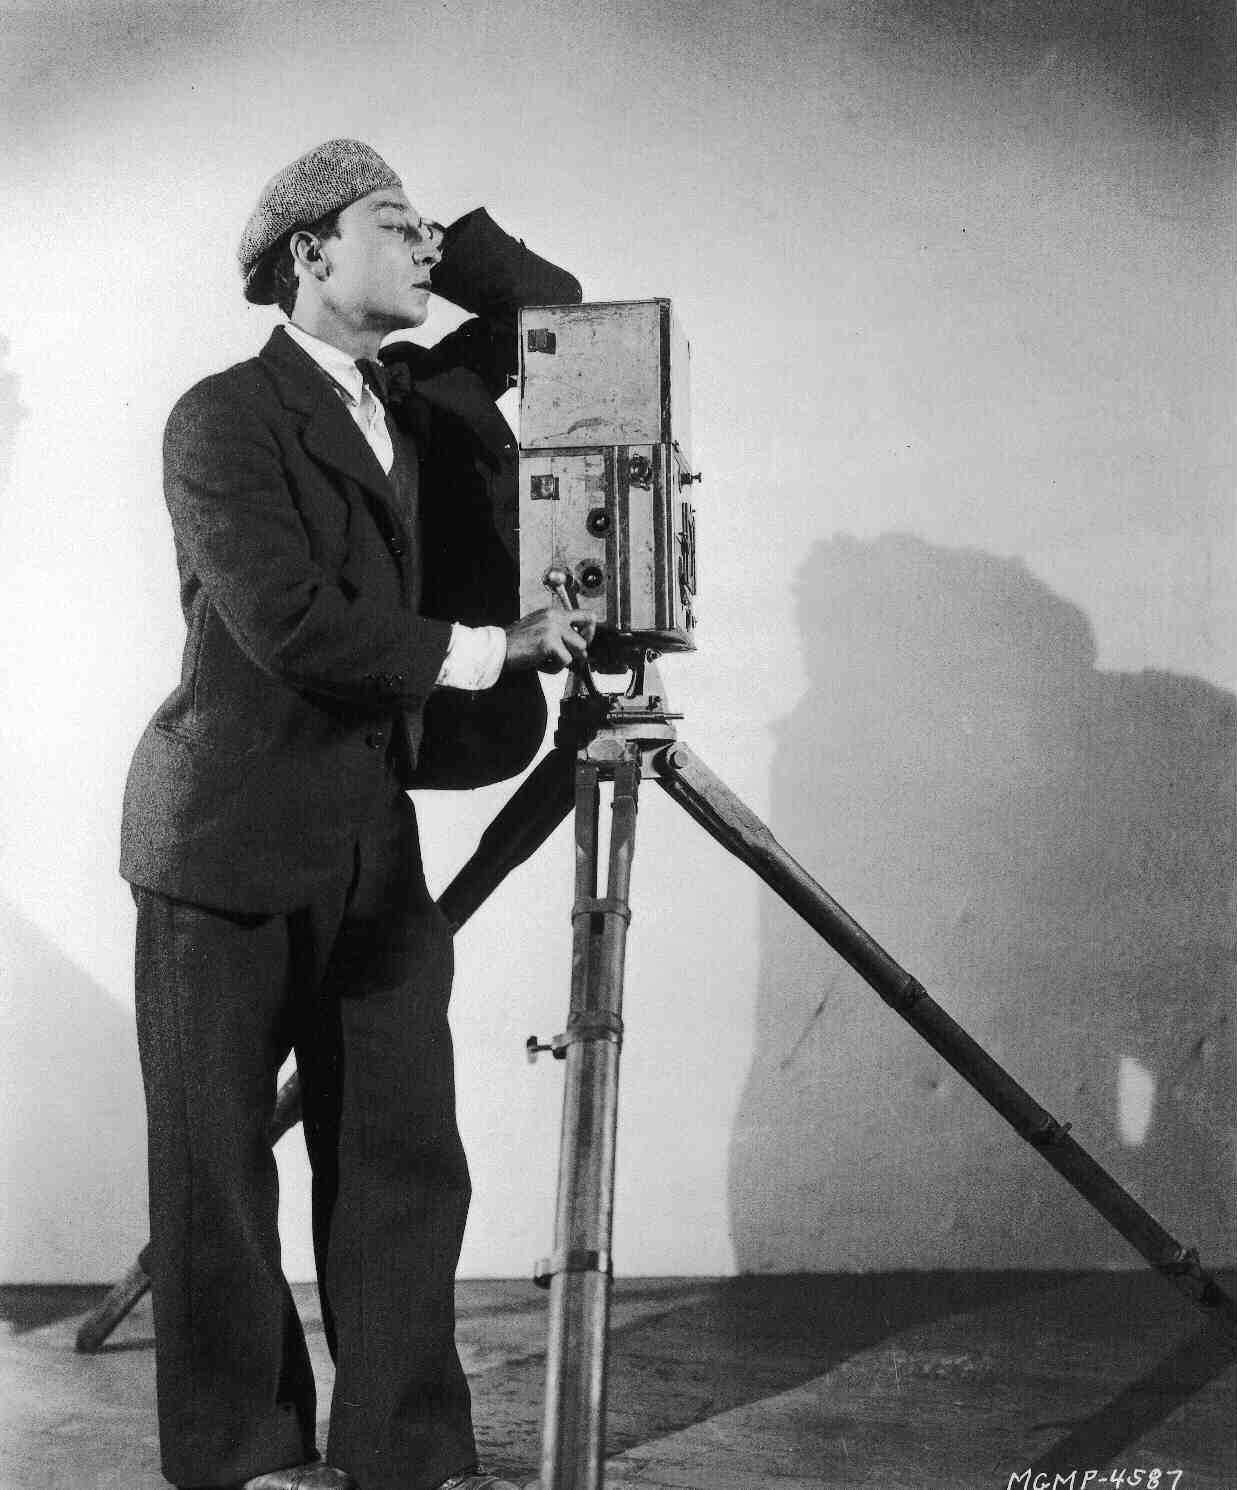 Devenir assistant de production : un métier dans le domaine du cinéma